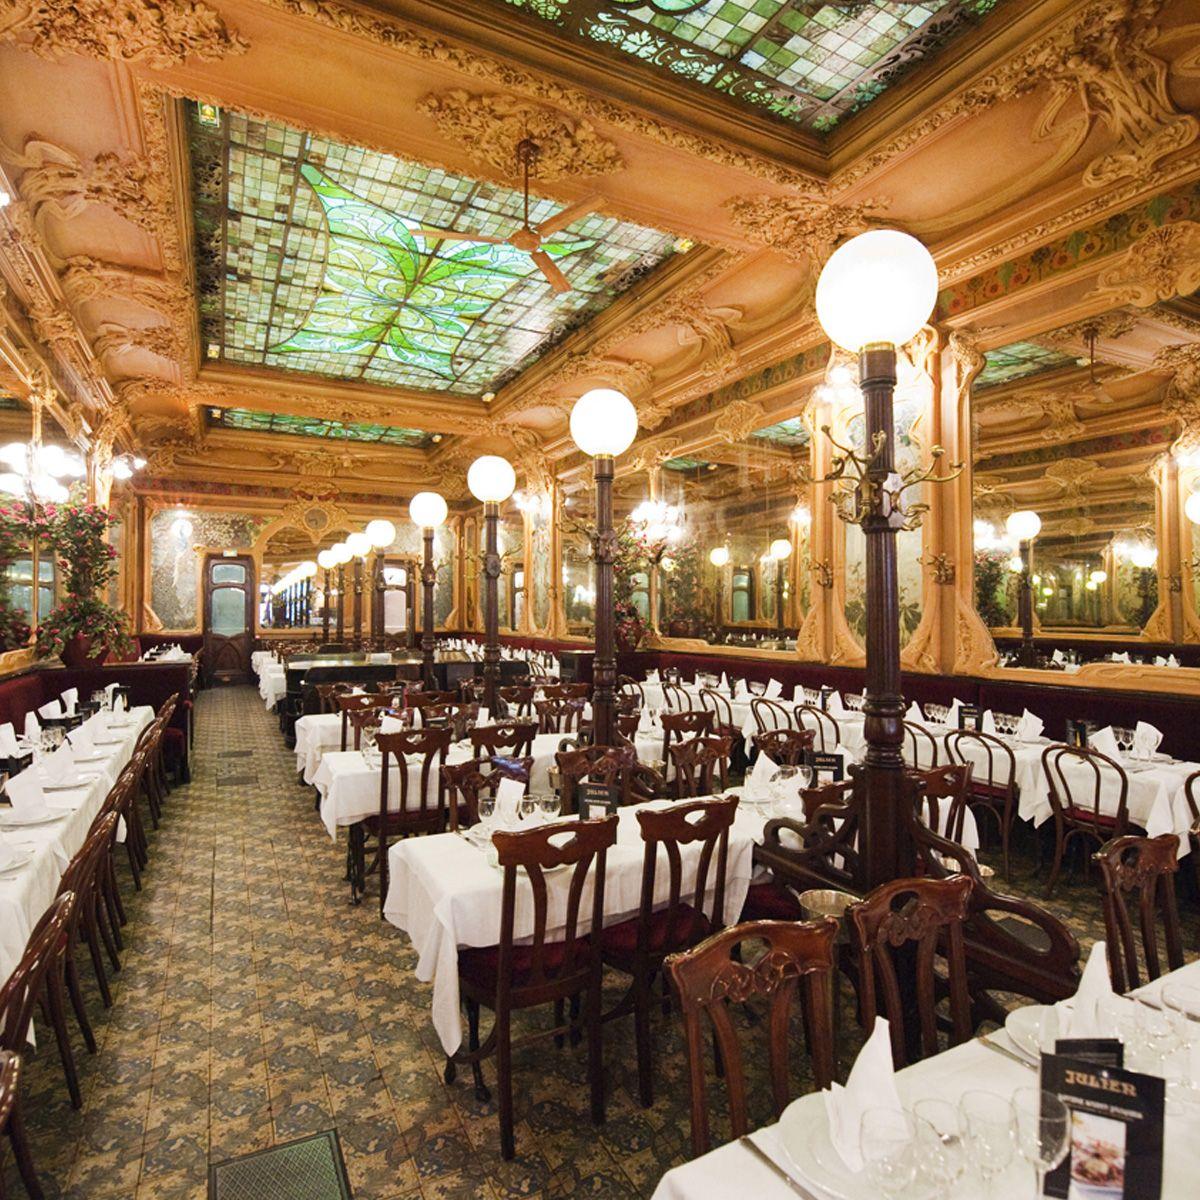 julien la salle art nouveau restaurant paris wedding pinterest